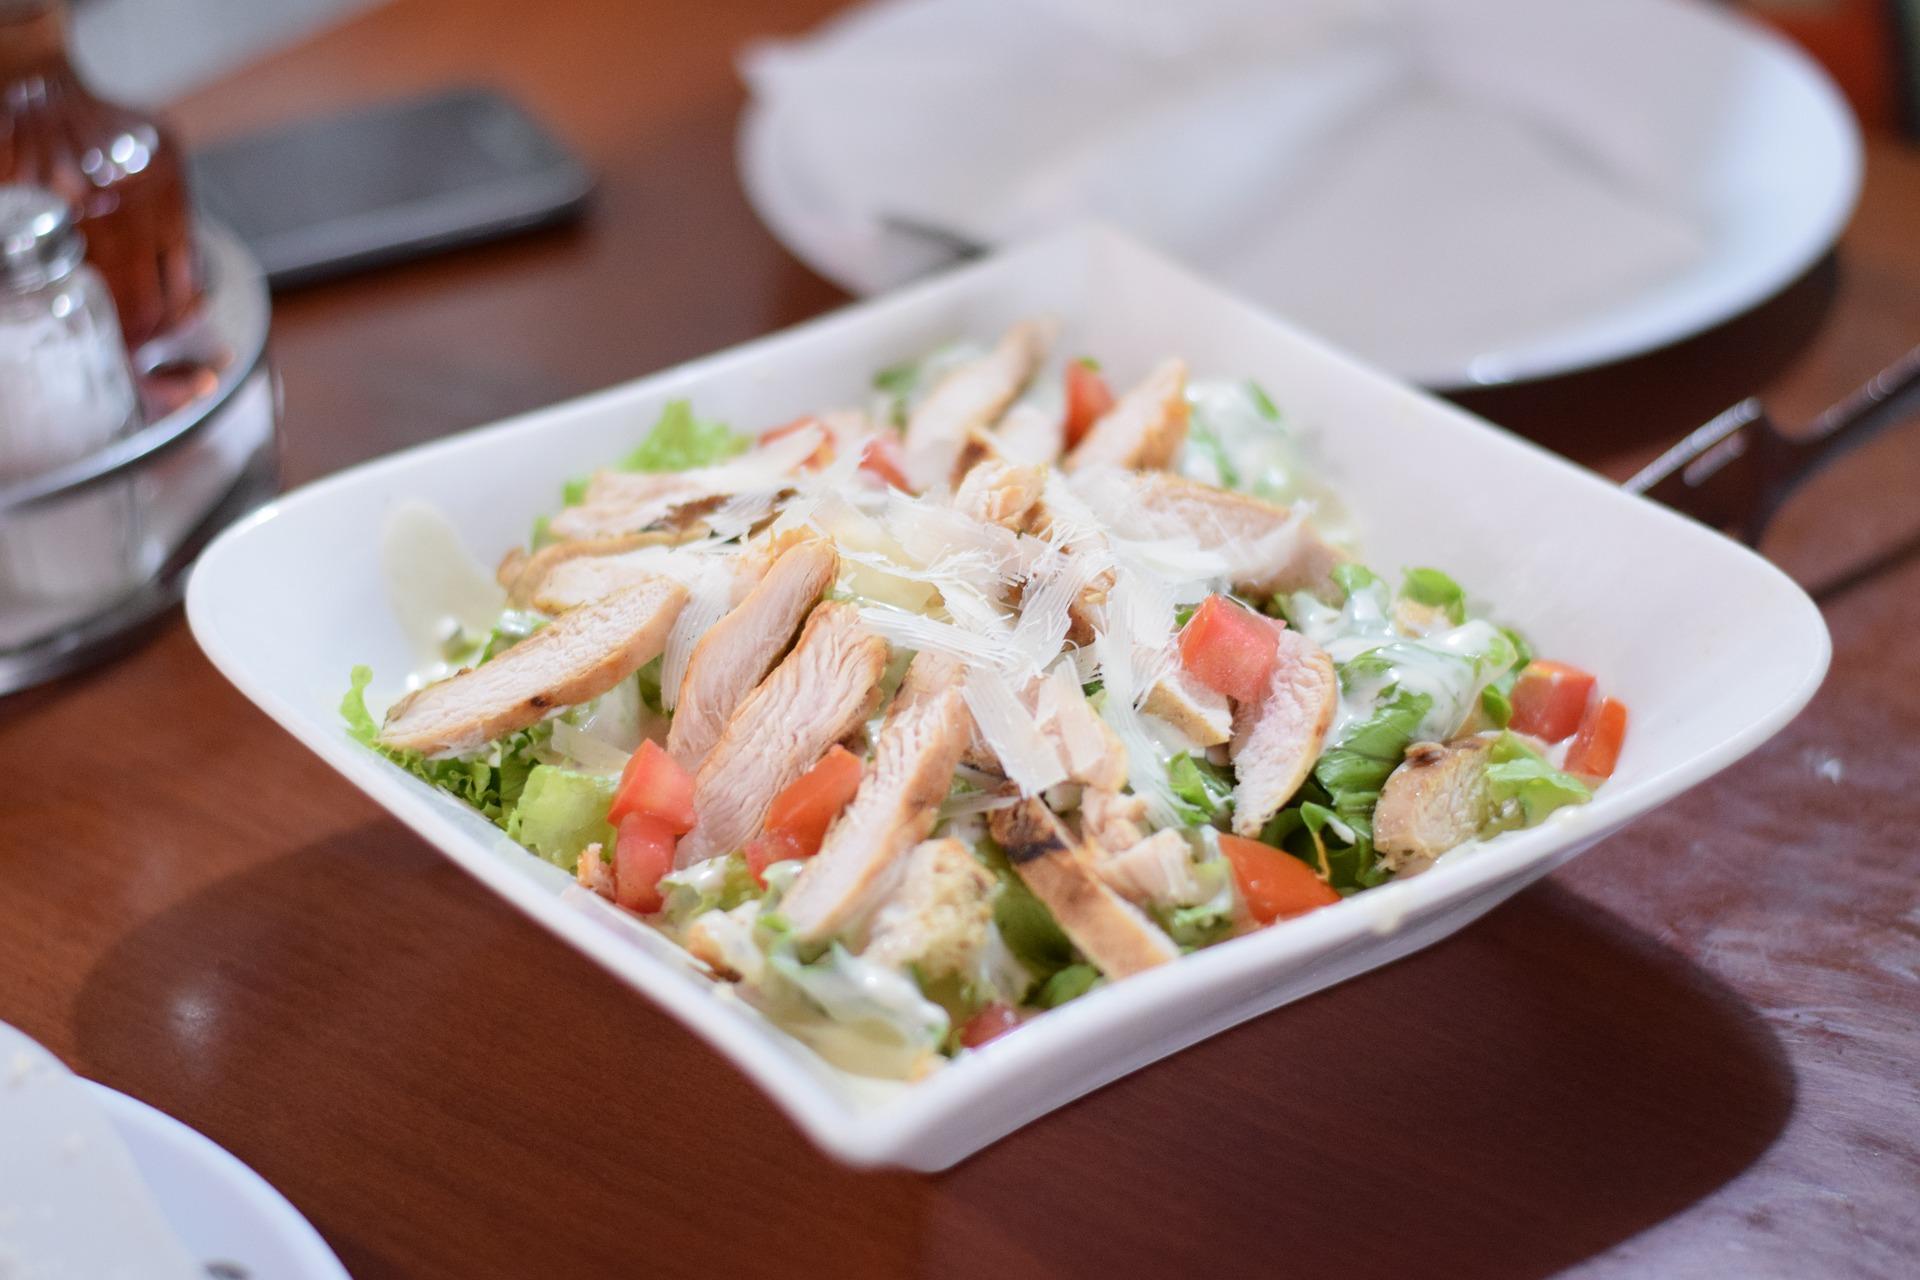 salad-2629262_1920.jpg